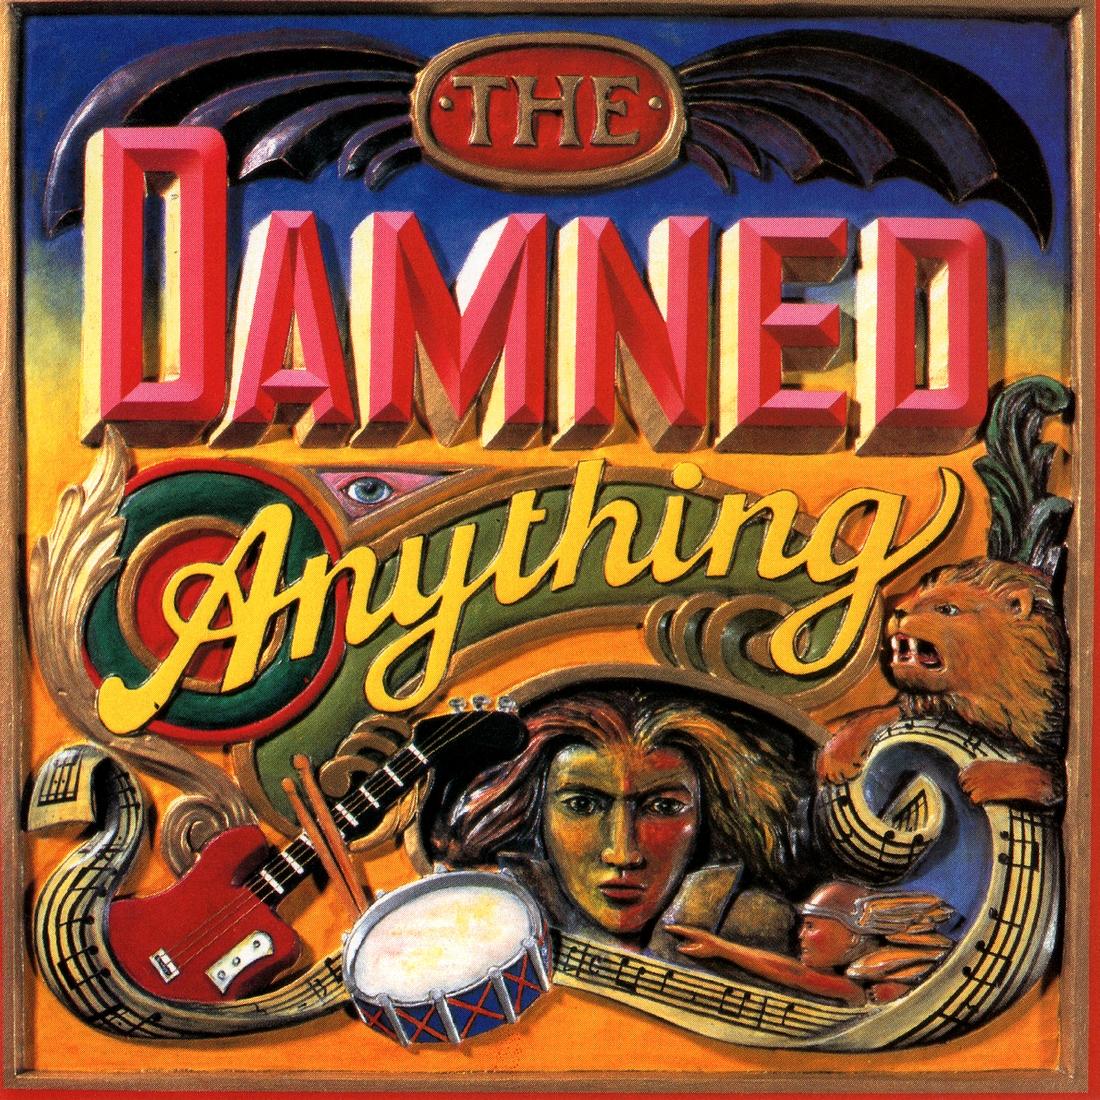 день в истории вышел альбом The Damned - Anything